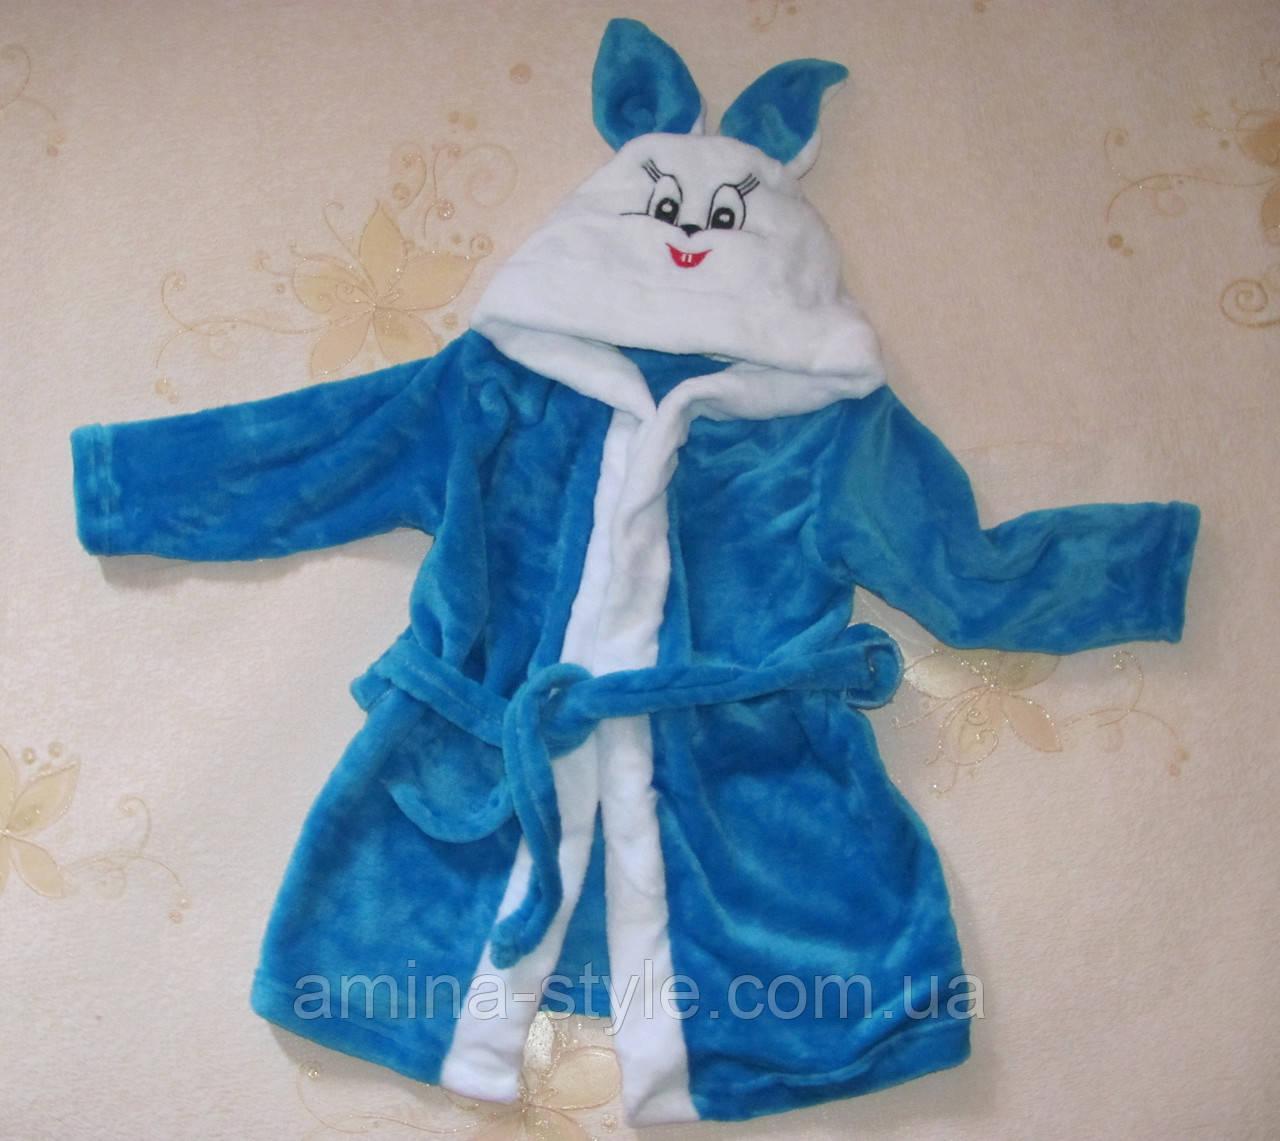 Дитячий махровий халат Зайчик, синій 30 (ріст 98-110см)